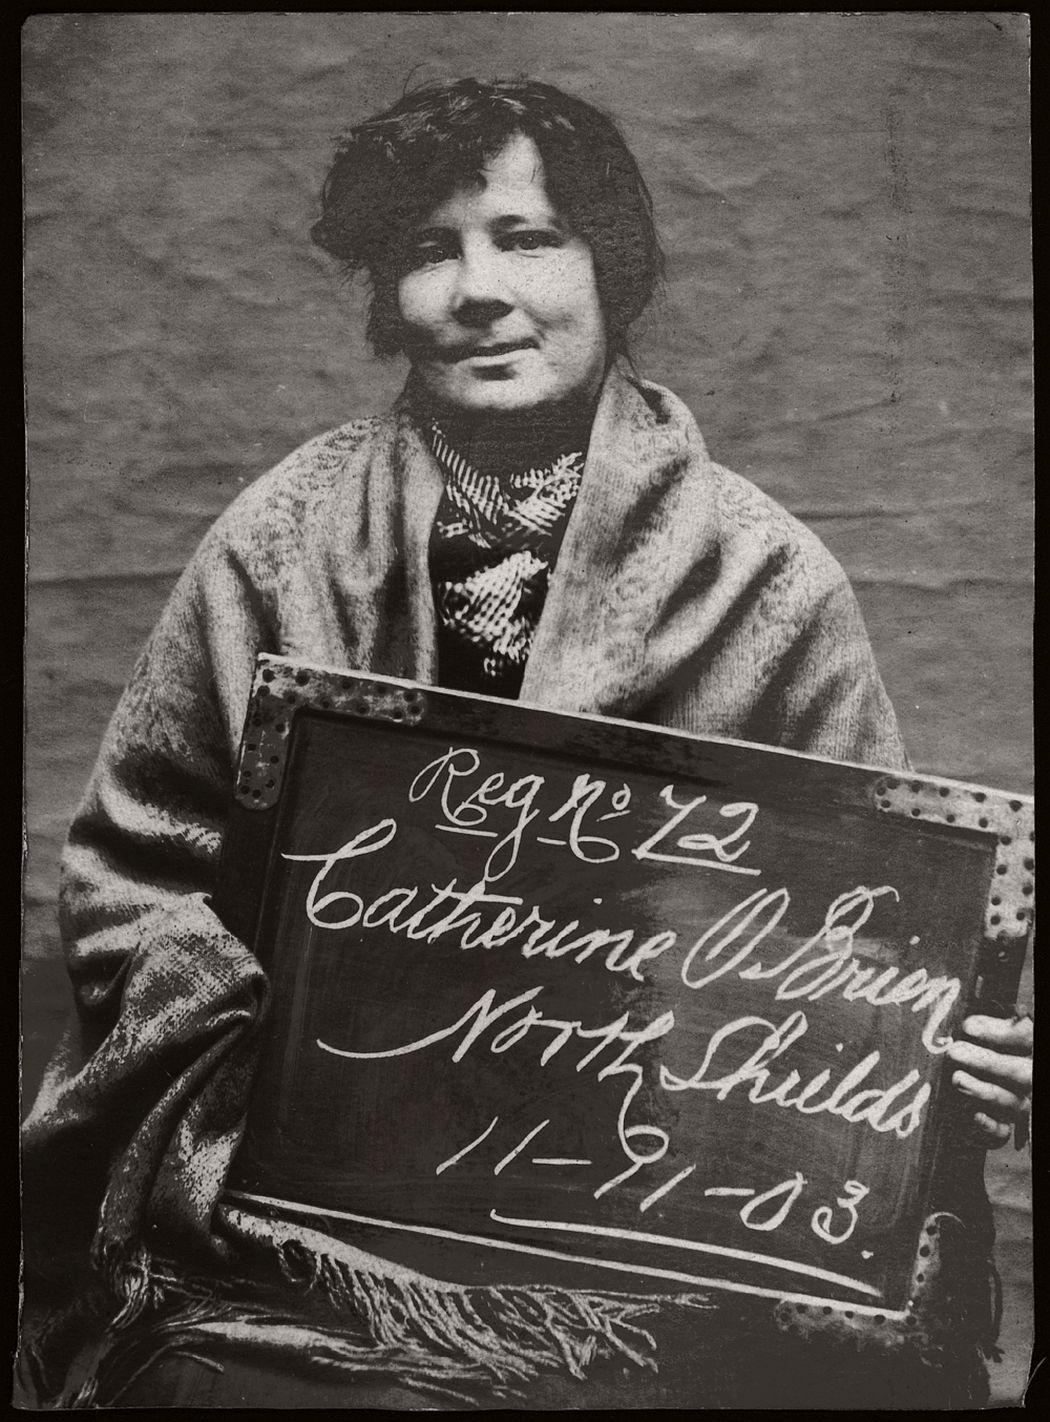 vintage-mug-shot-of-women-criminals-from-north-shields-1903-1905-07